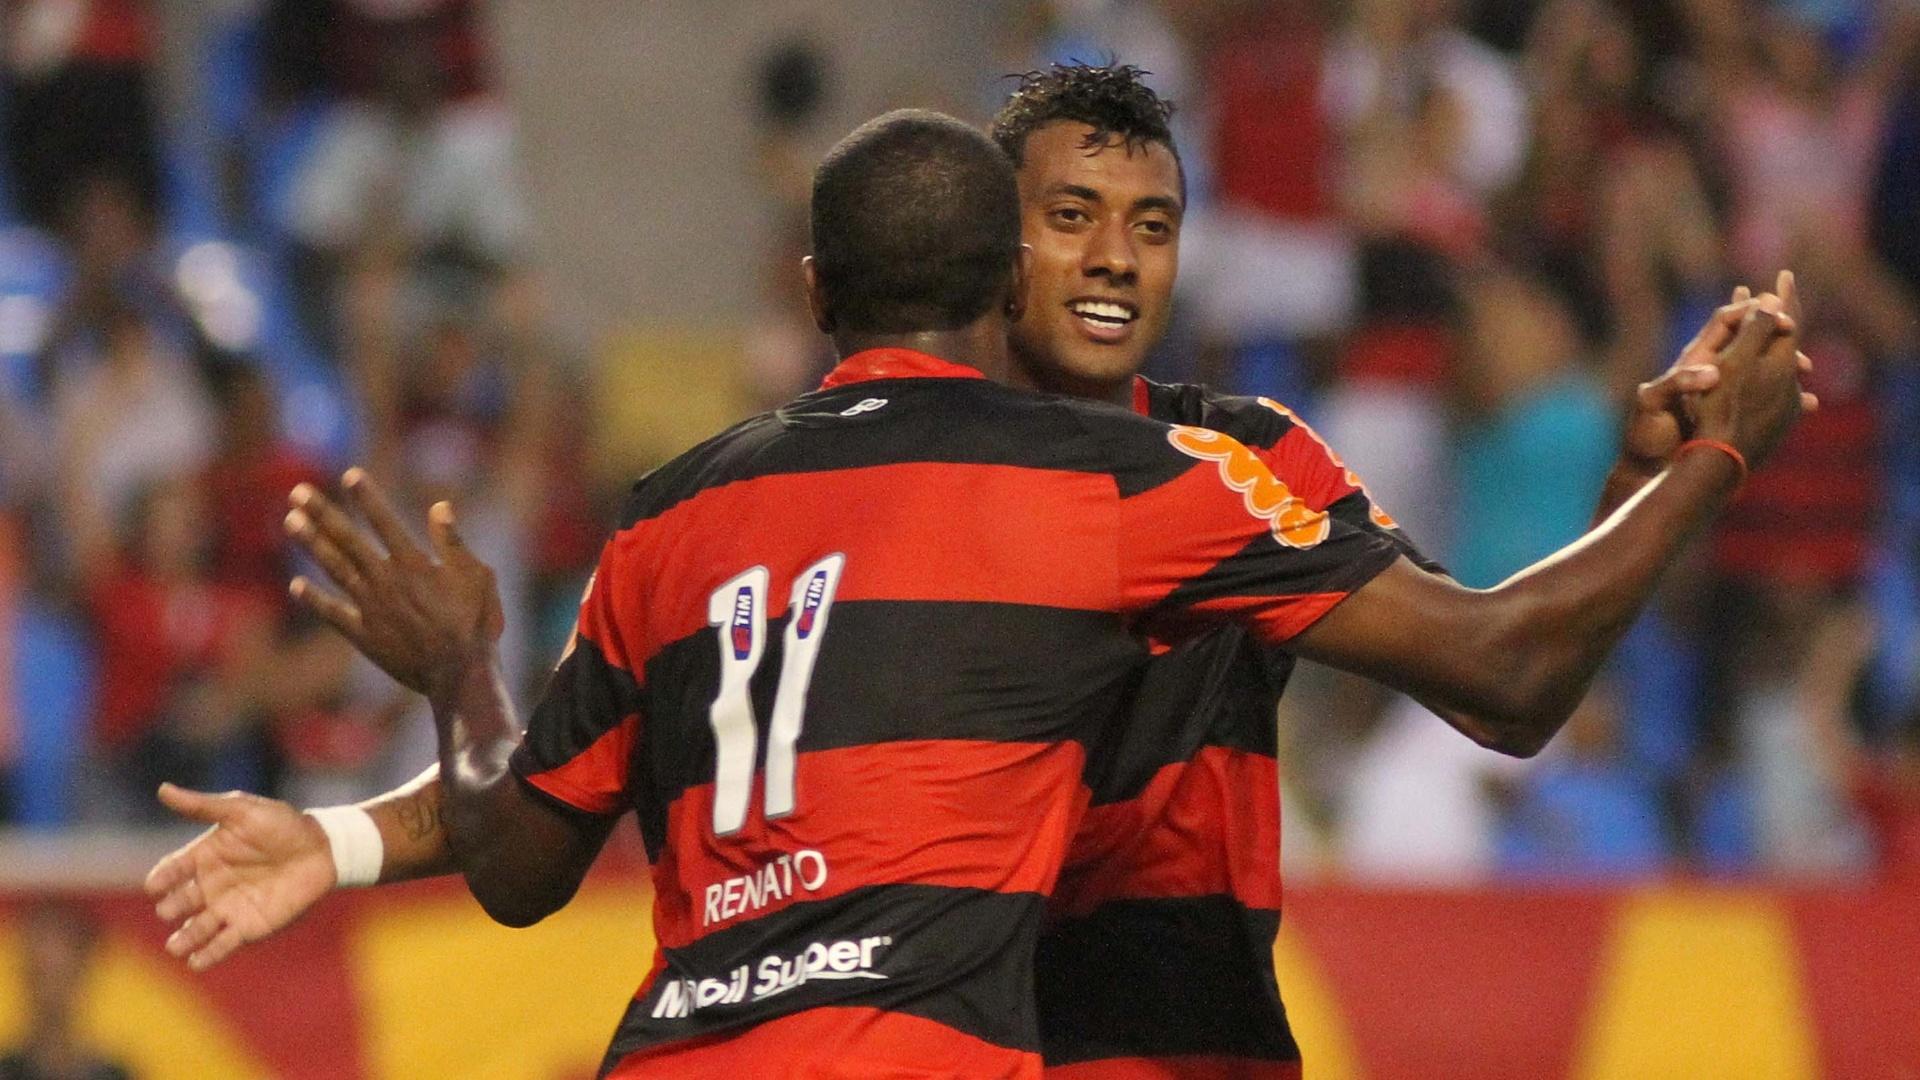 Renato comemora com Kleberson, autor do segundo gol do Flamengo contra o Americano